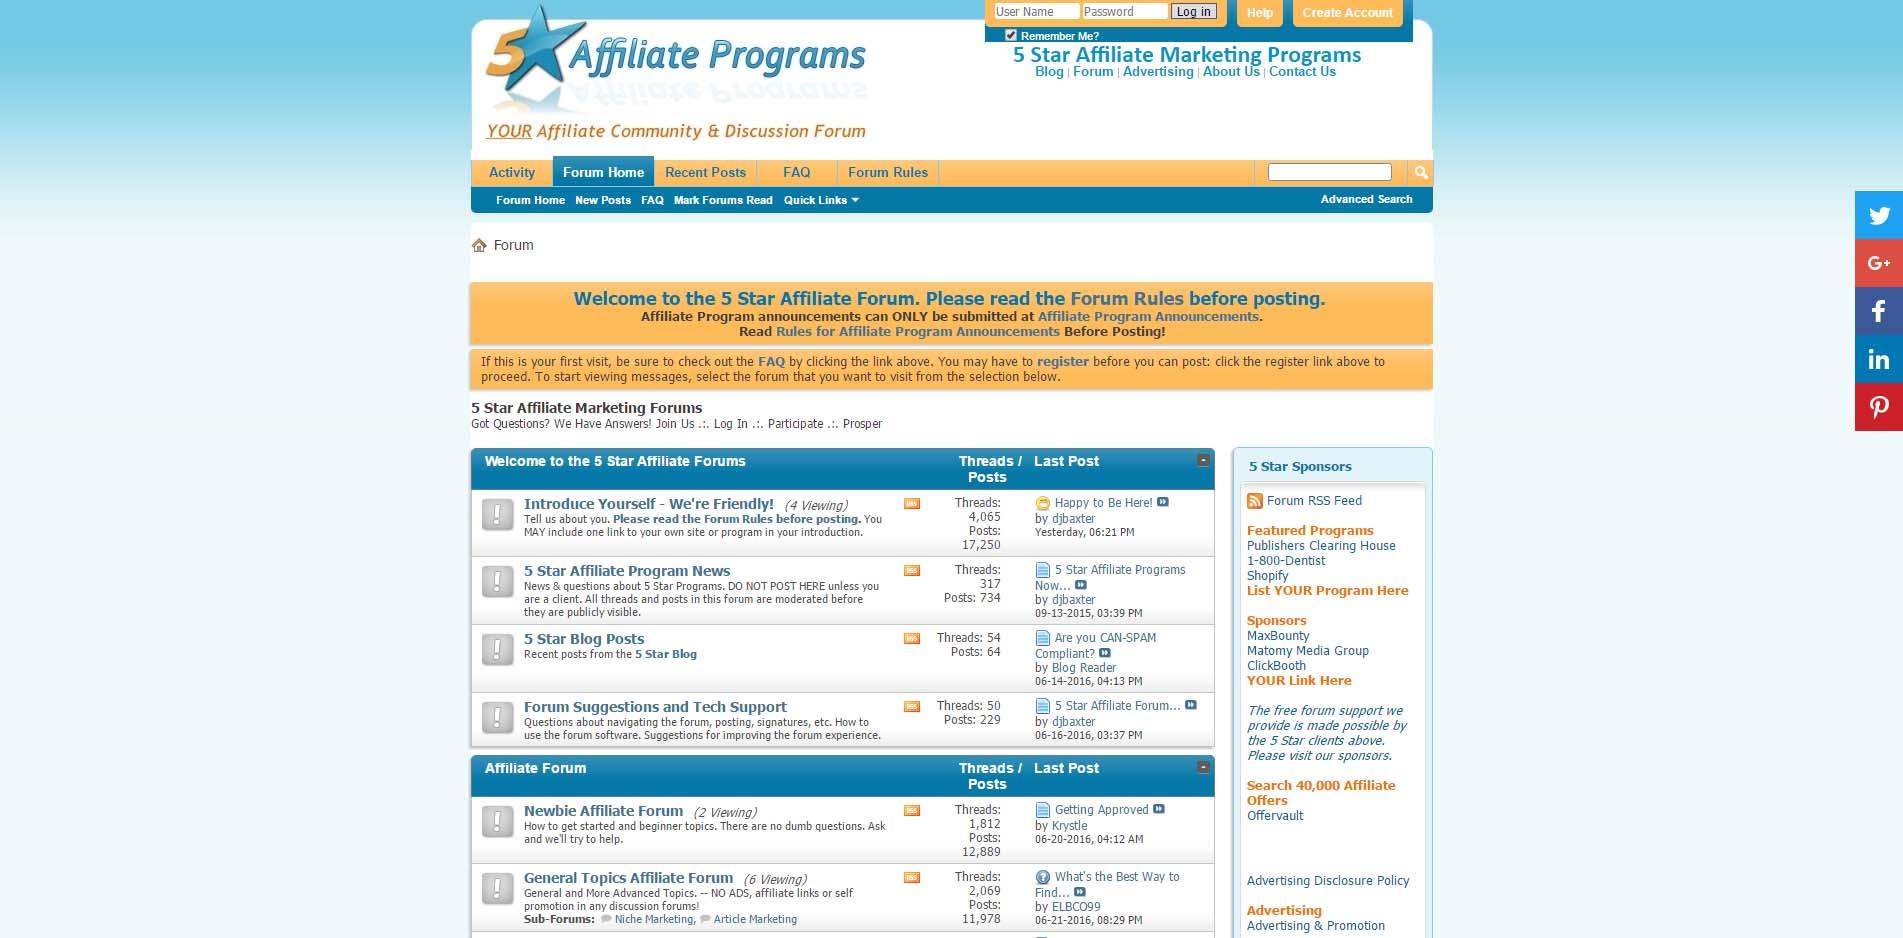 seo-blog-affiliate-marketing-forums-5staraffiliateprograms-com